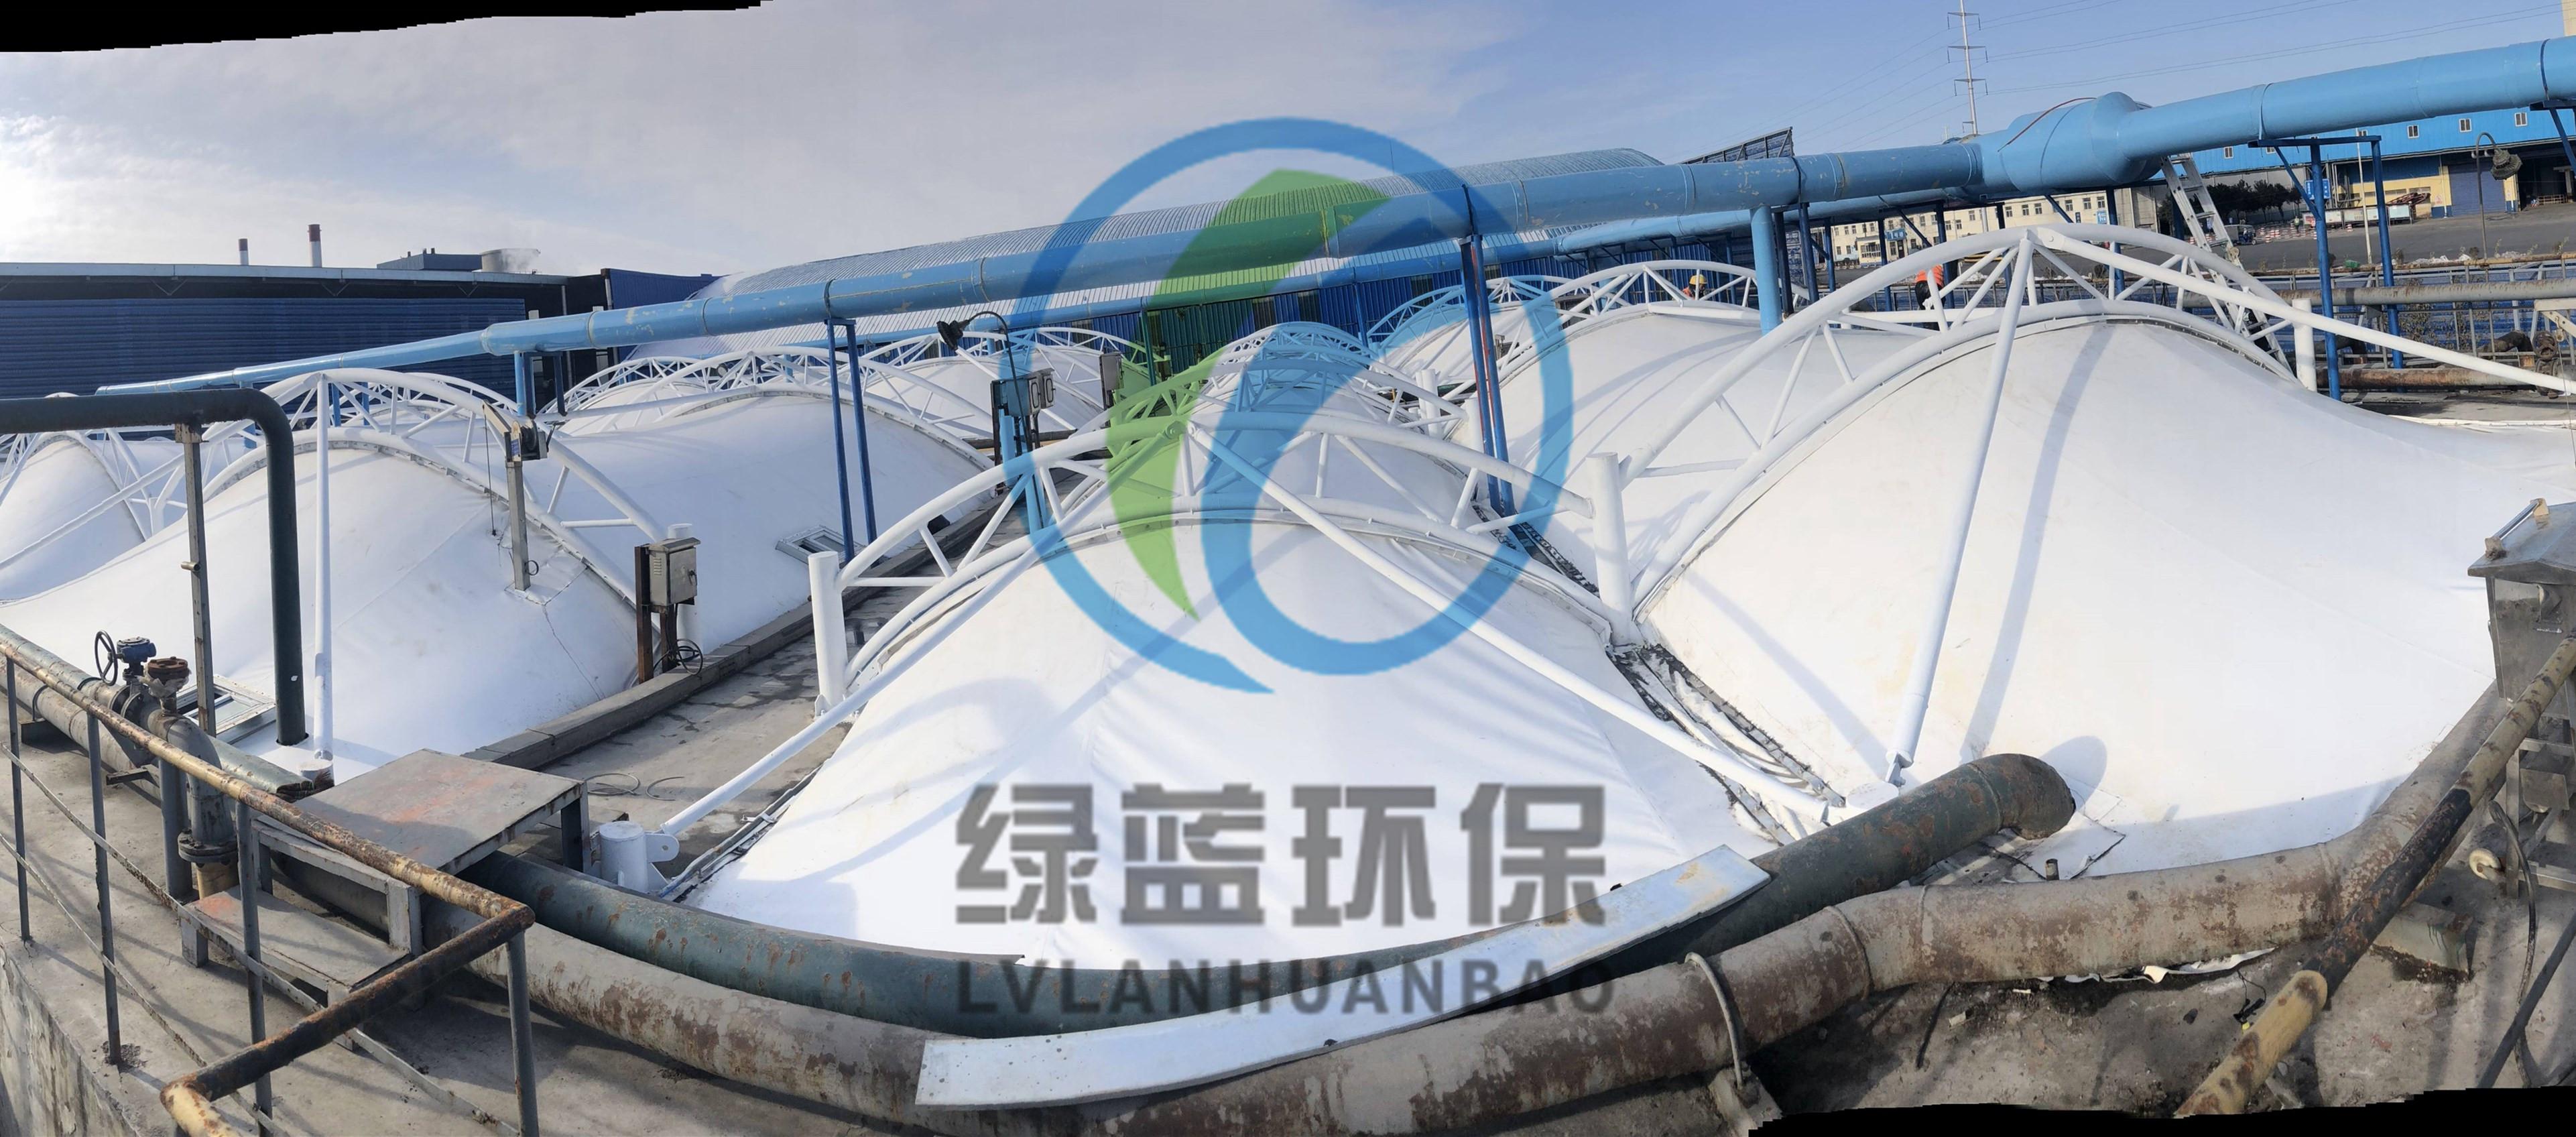 河南心连心化肥有限公司二分厂污水池加盖